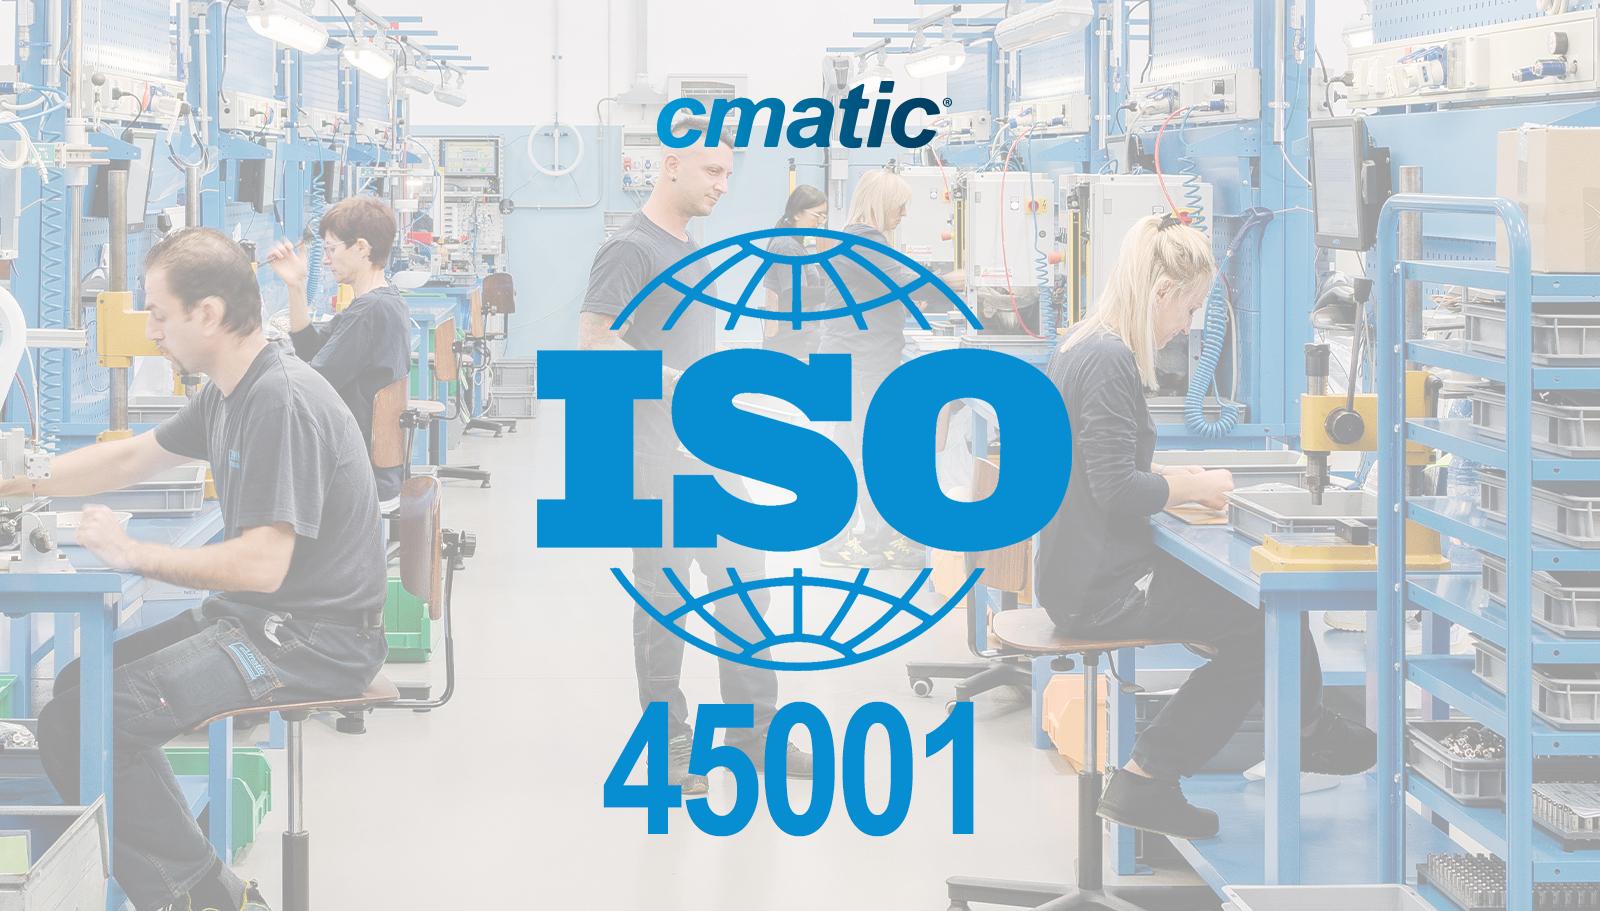 Cmatic ottiene la certificazione ISO 45001: il benessere dei dipendenti e la sicurezza prima di tutto!